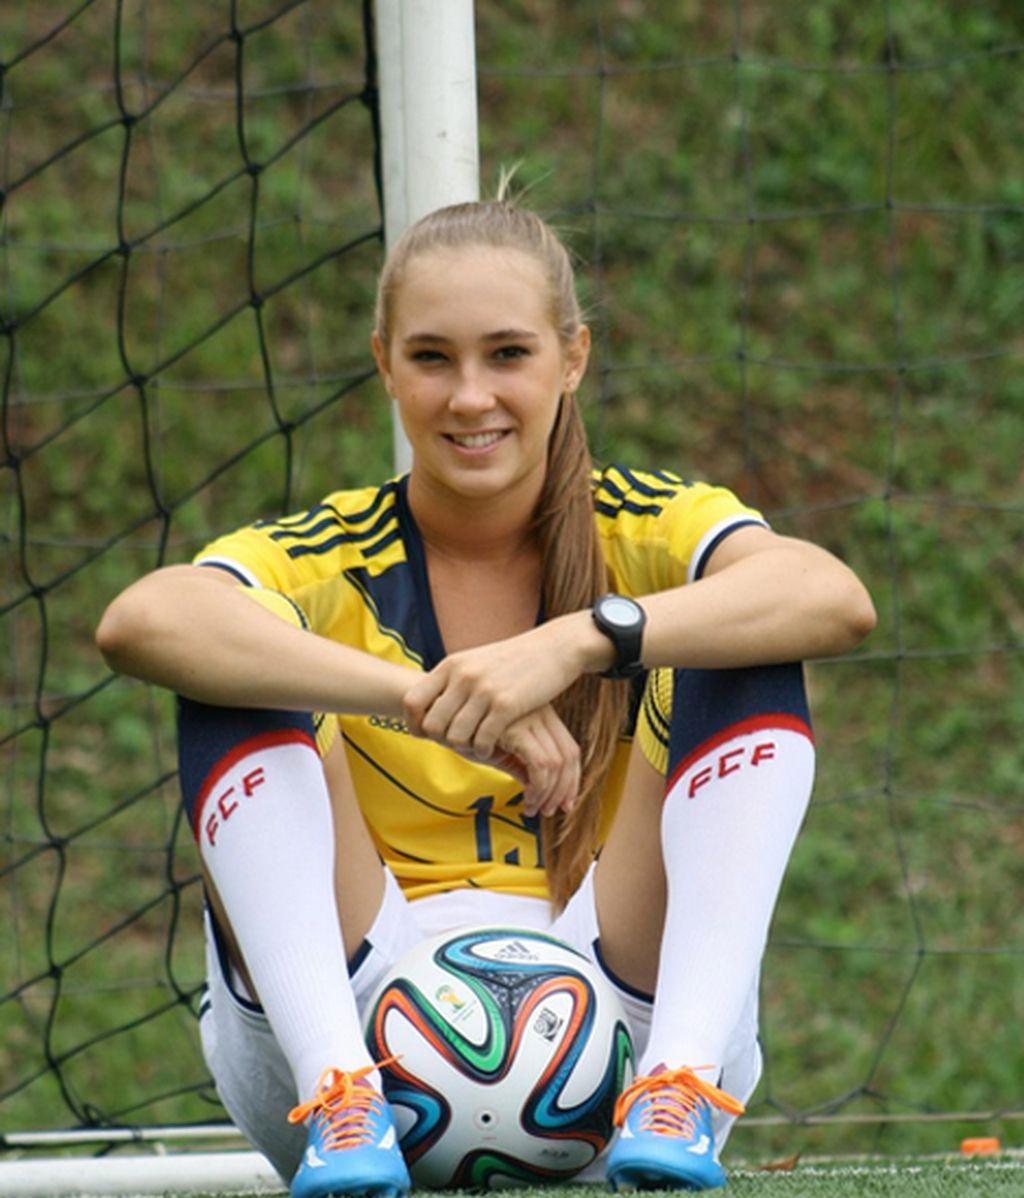 El perfil de la futbolista en Twitter es una colección de sonrisas, estilo y mucho fútbol